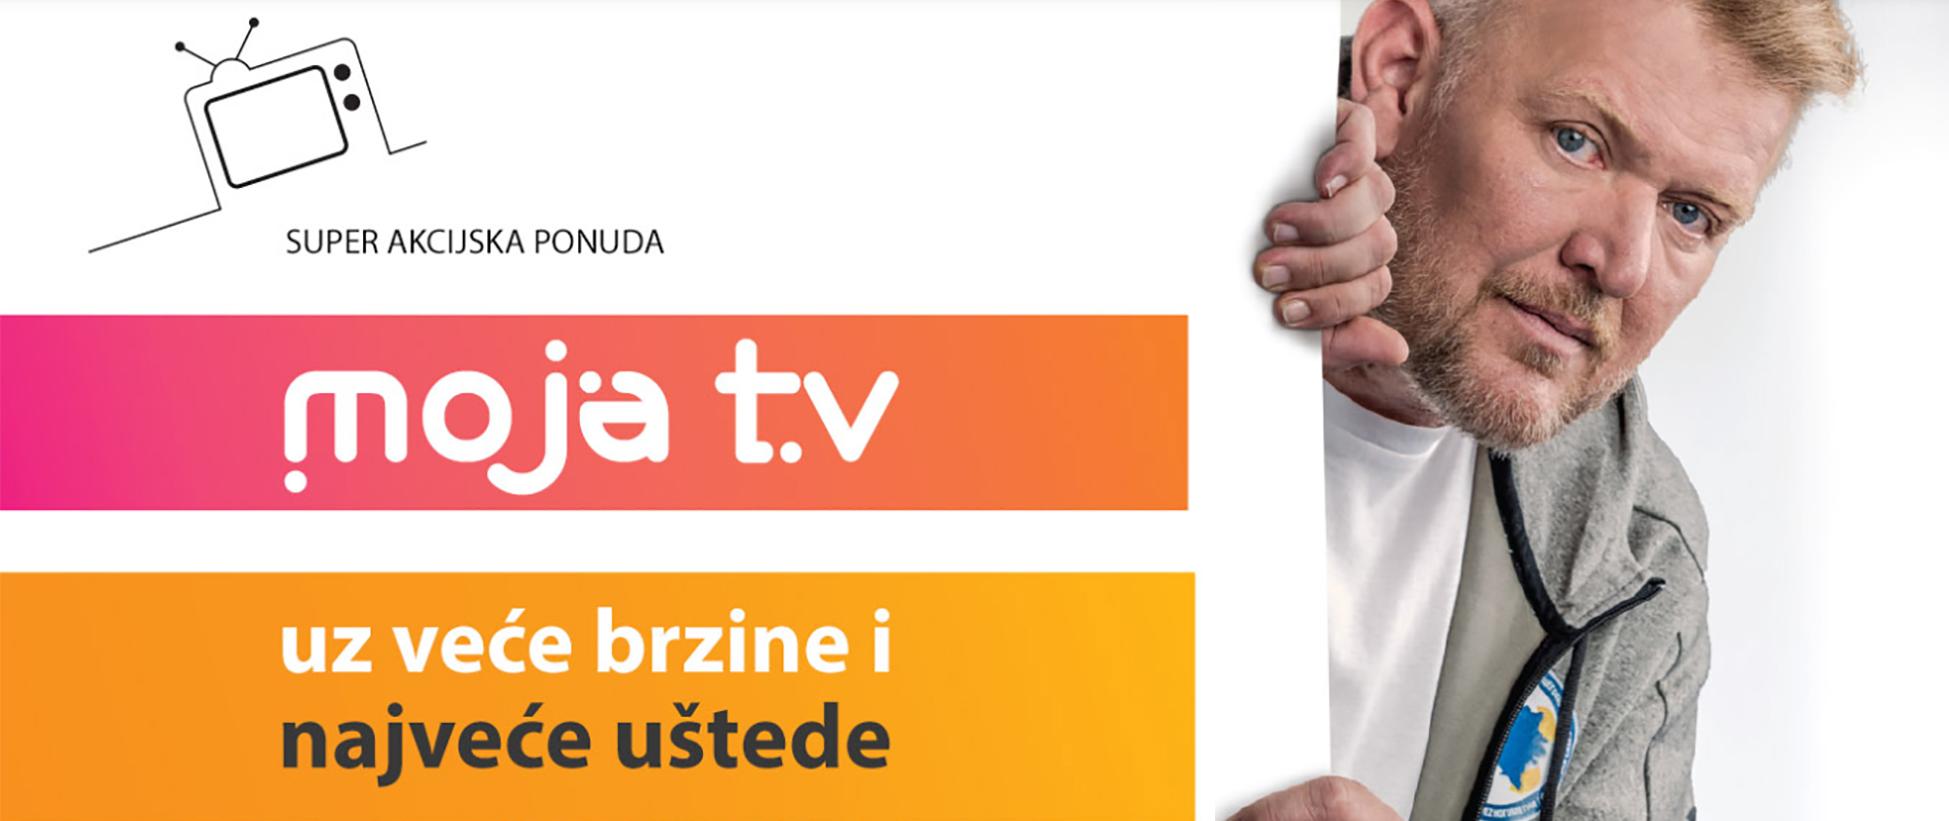 SUPER AKCIJSKA MOJA TV PONUDA OD 15. MARTA DO 13. MAJA